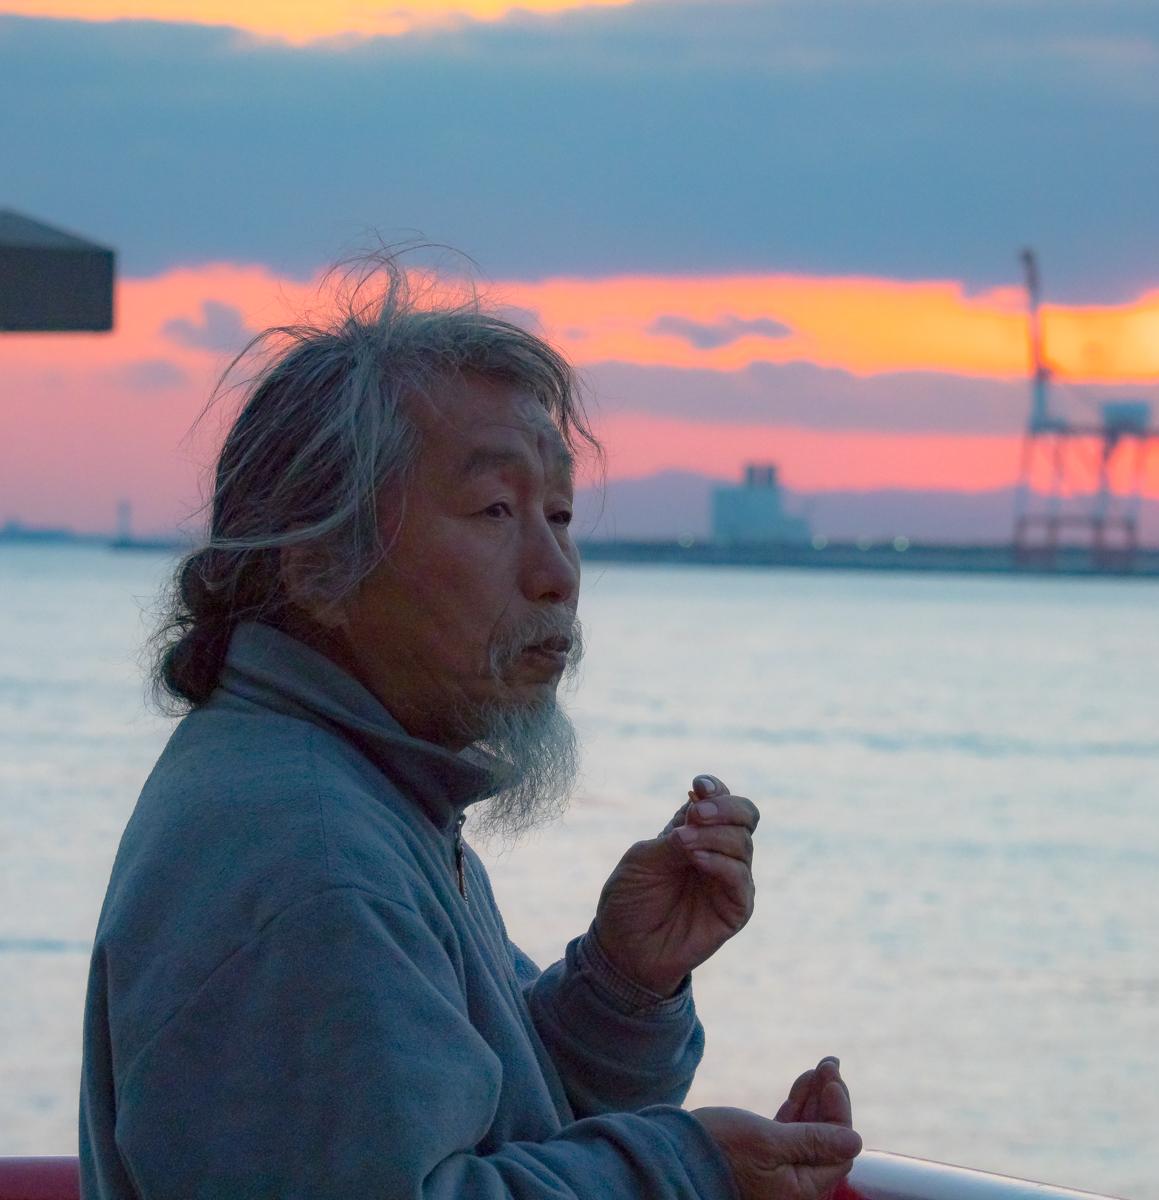 Дед в порту. Можно было наплести, что рыбак, но кажись просто семкогрыз